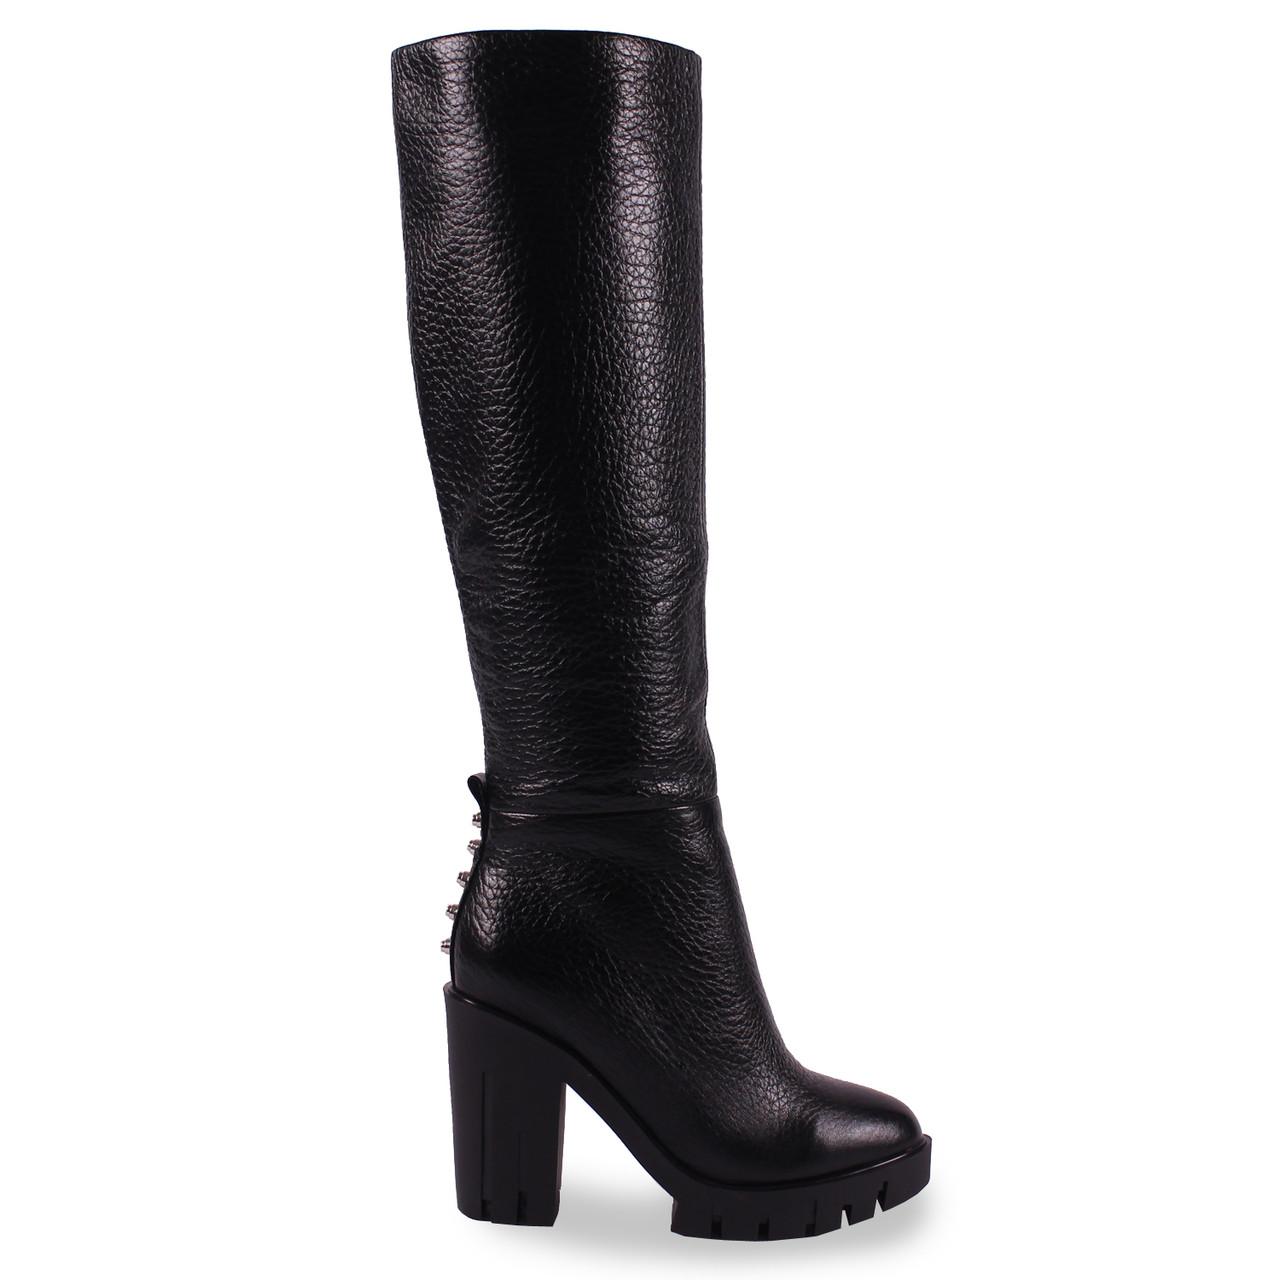 771cf78faa7c Элегантные женские сапоги Angelo Vani (кожаные, черные, зимние, теплые, на  каблуке)